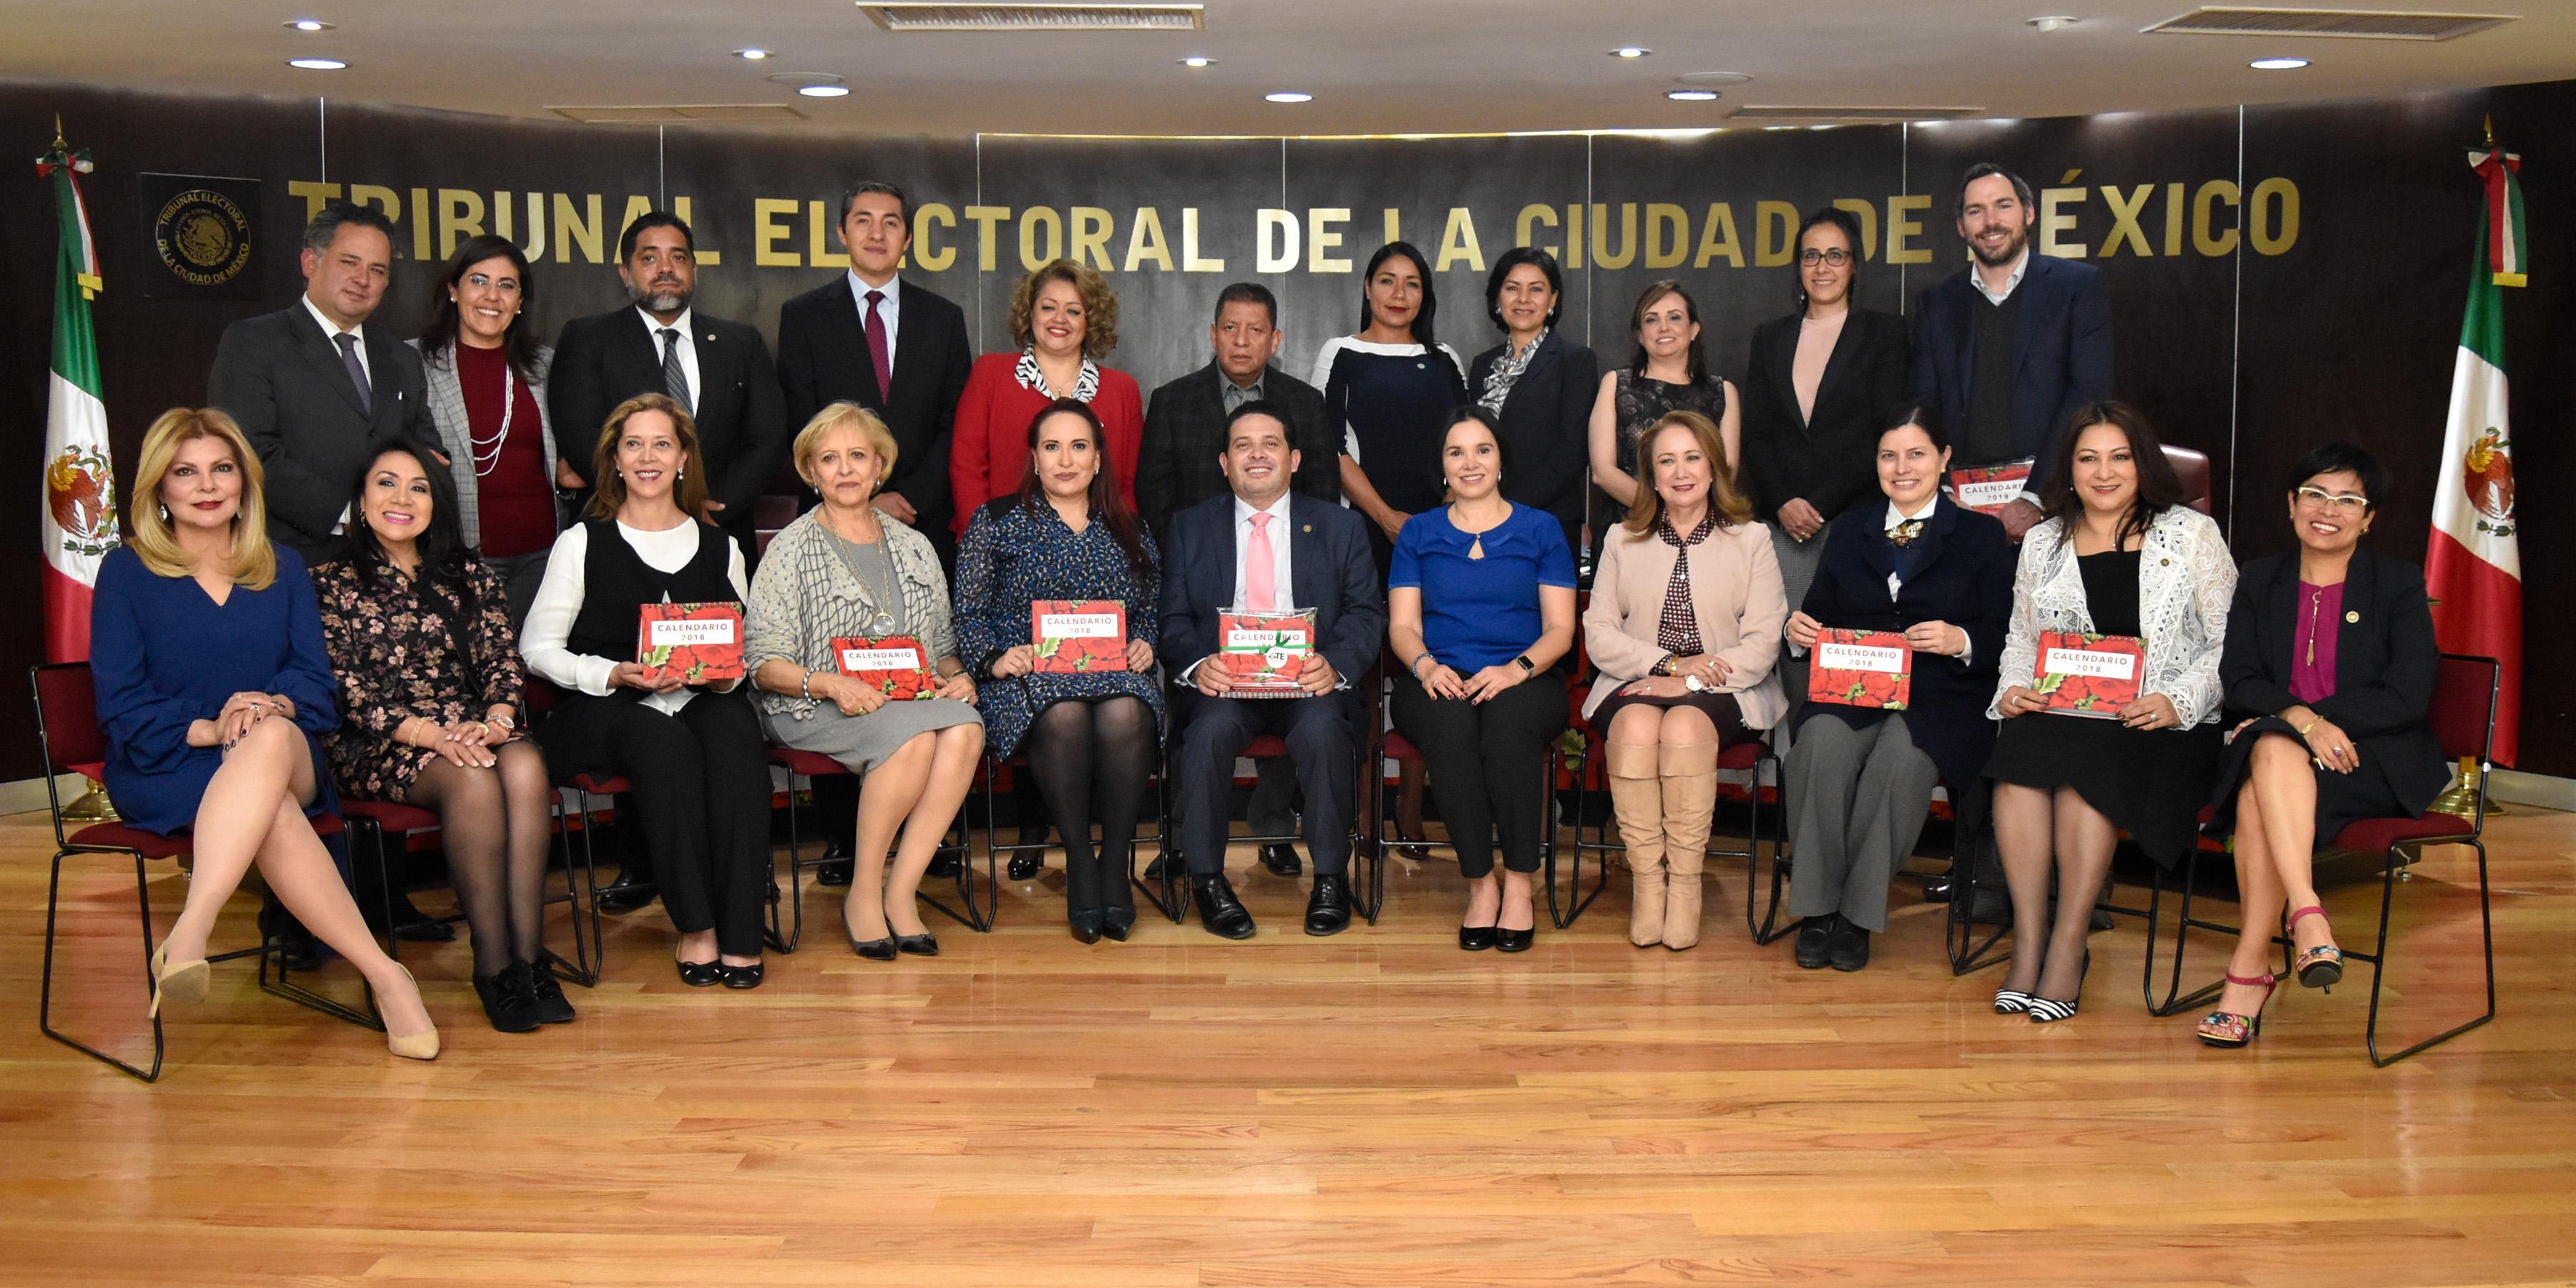 Rostros de la Igualdad, fortalecer el sistema democrático con inclusión